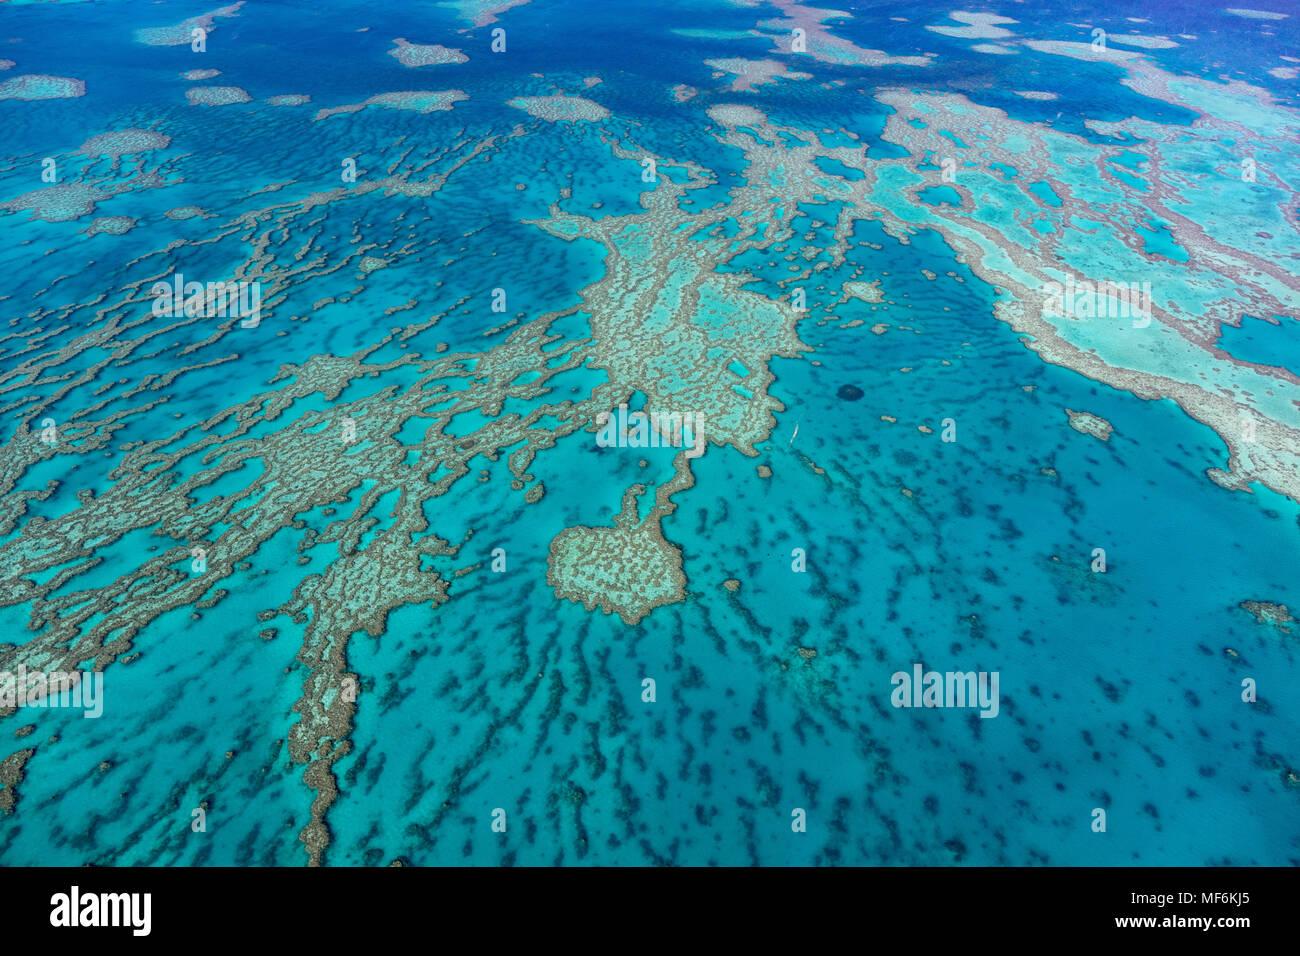 Estructuras en el Arrecife de Coral, el borde exterior de la Gran Barrera de Coral, Queensland, Australia Imagen De Stock